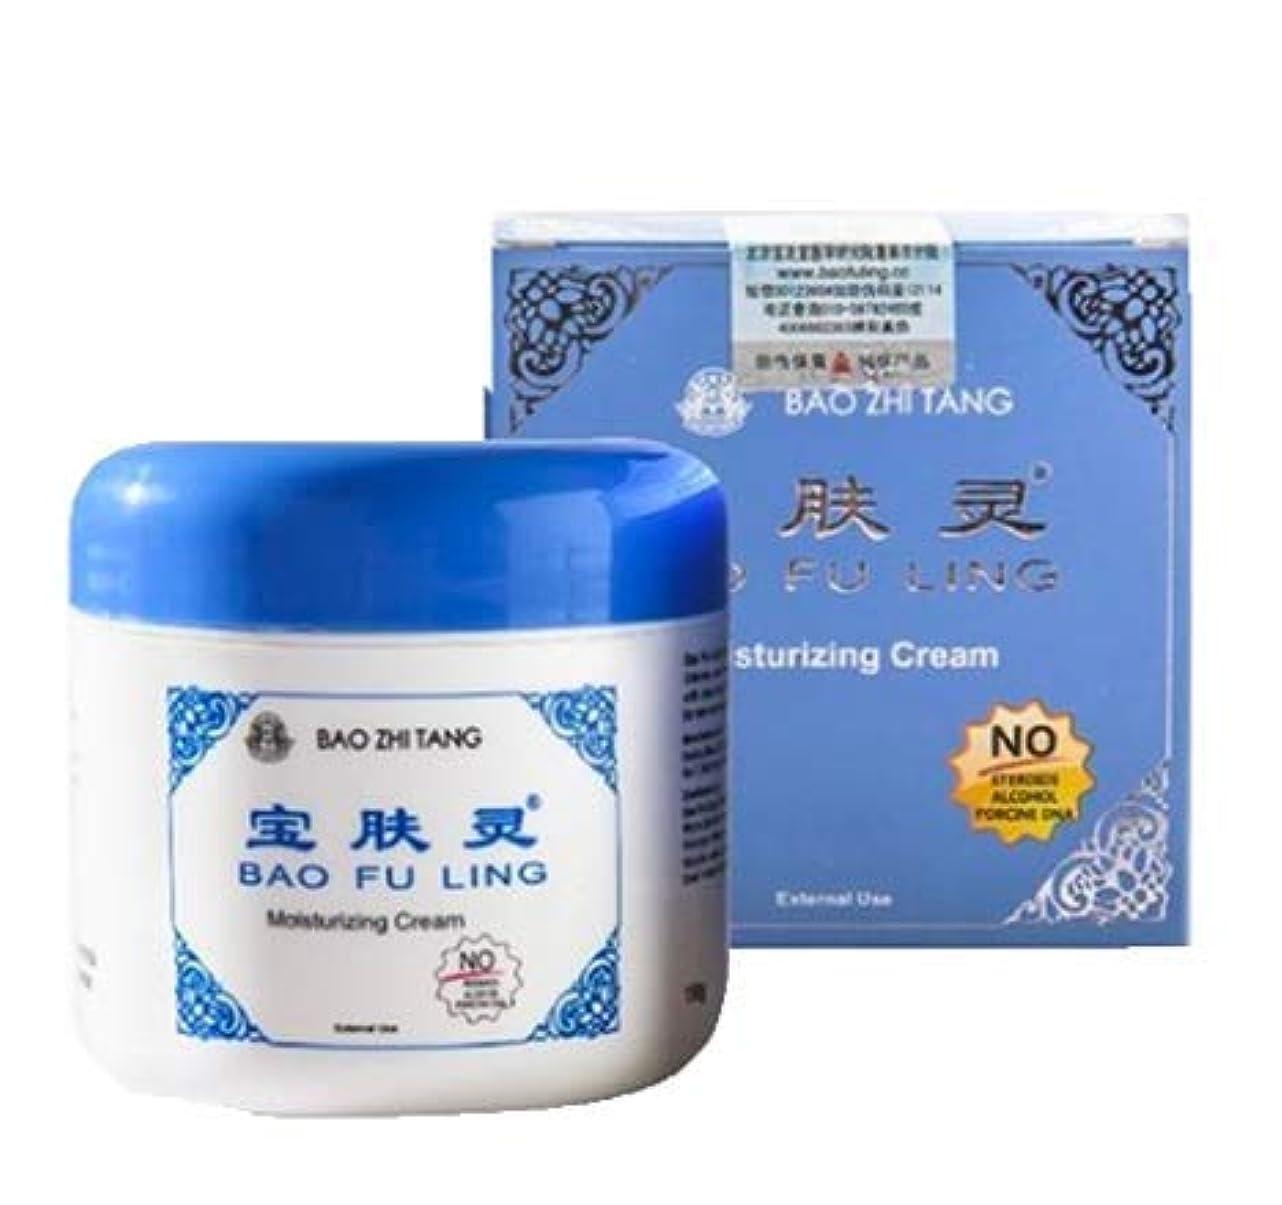 危機競合他社選手ブラウズ【Bao Fu Ling(宝肤灵)】保湿クリーム Moisturizing Cream (150g) [並行輸入品]